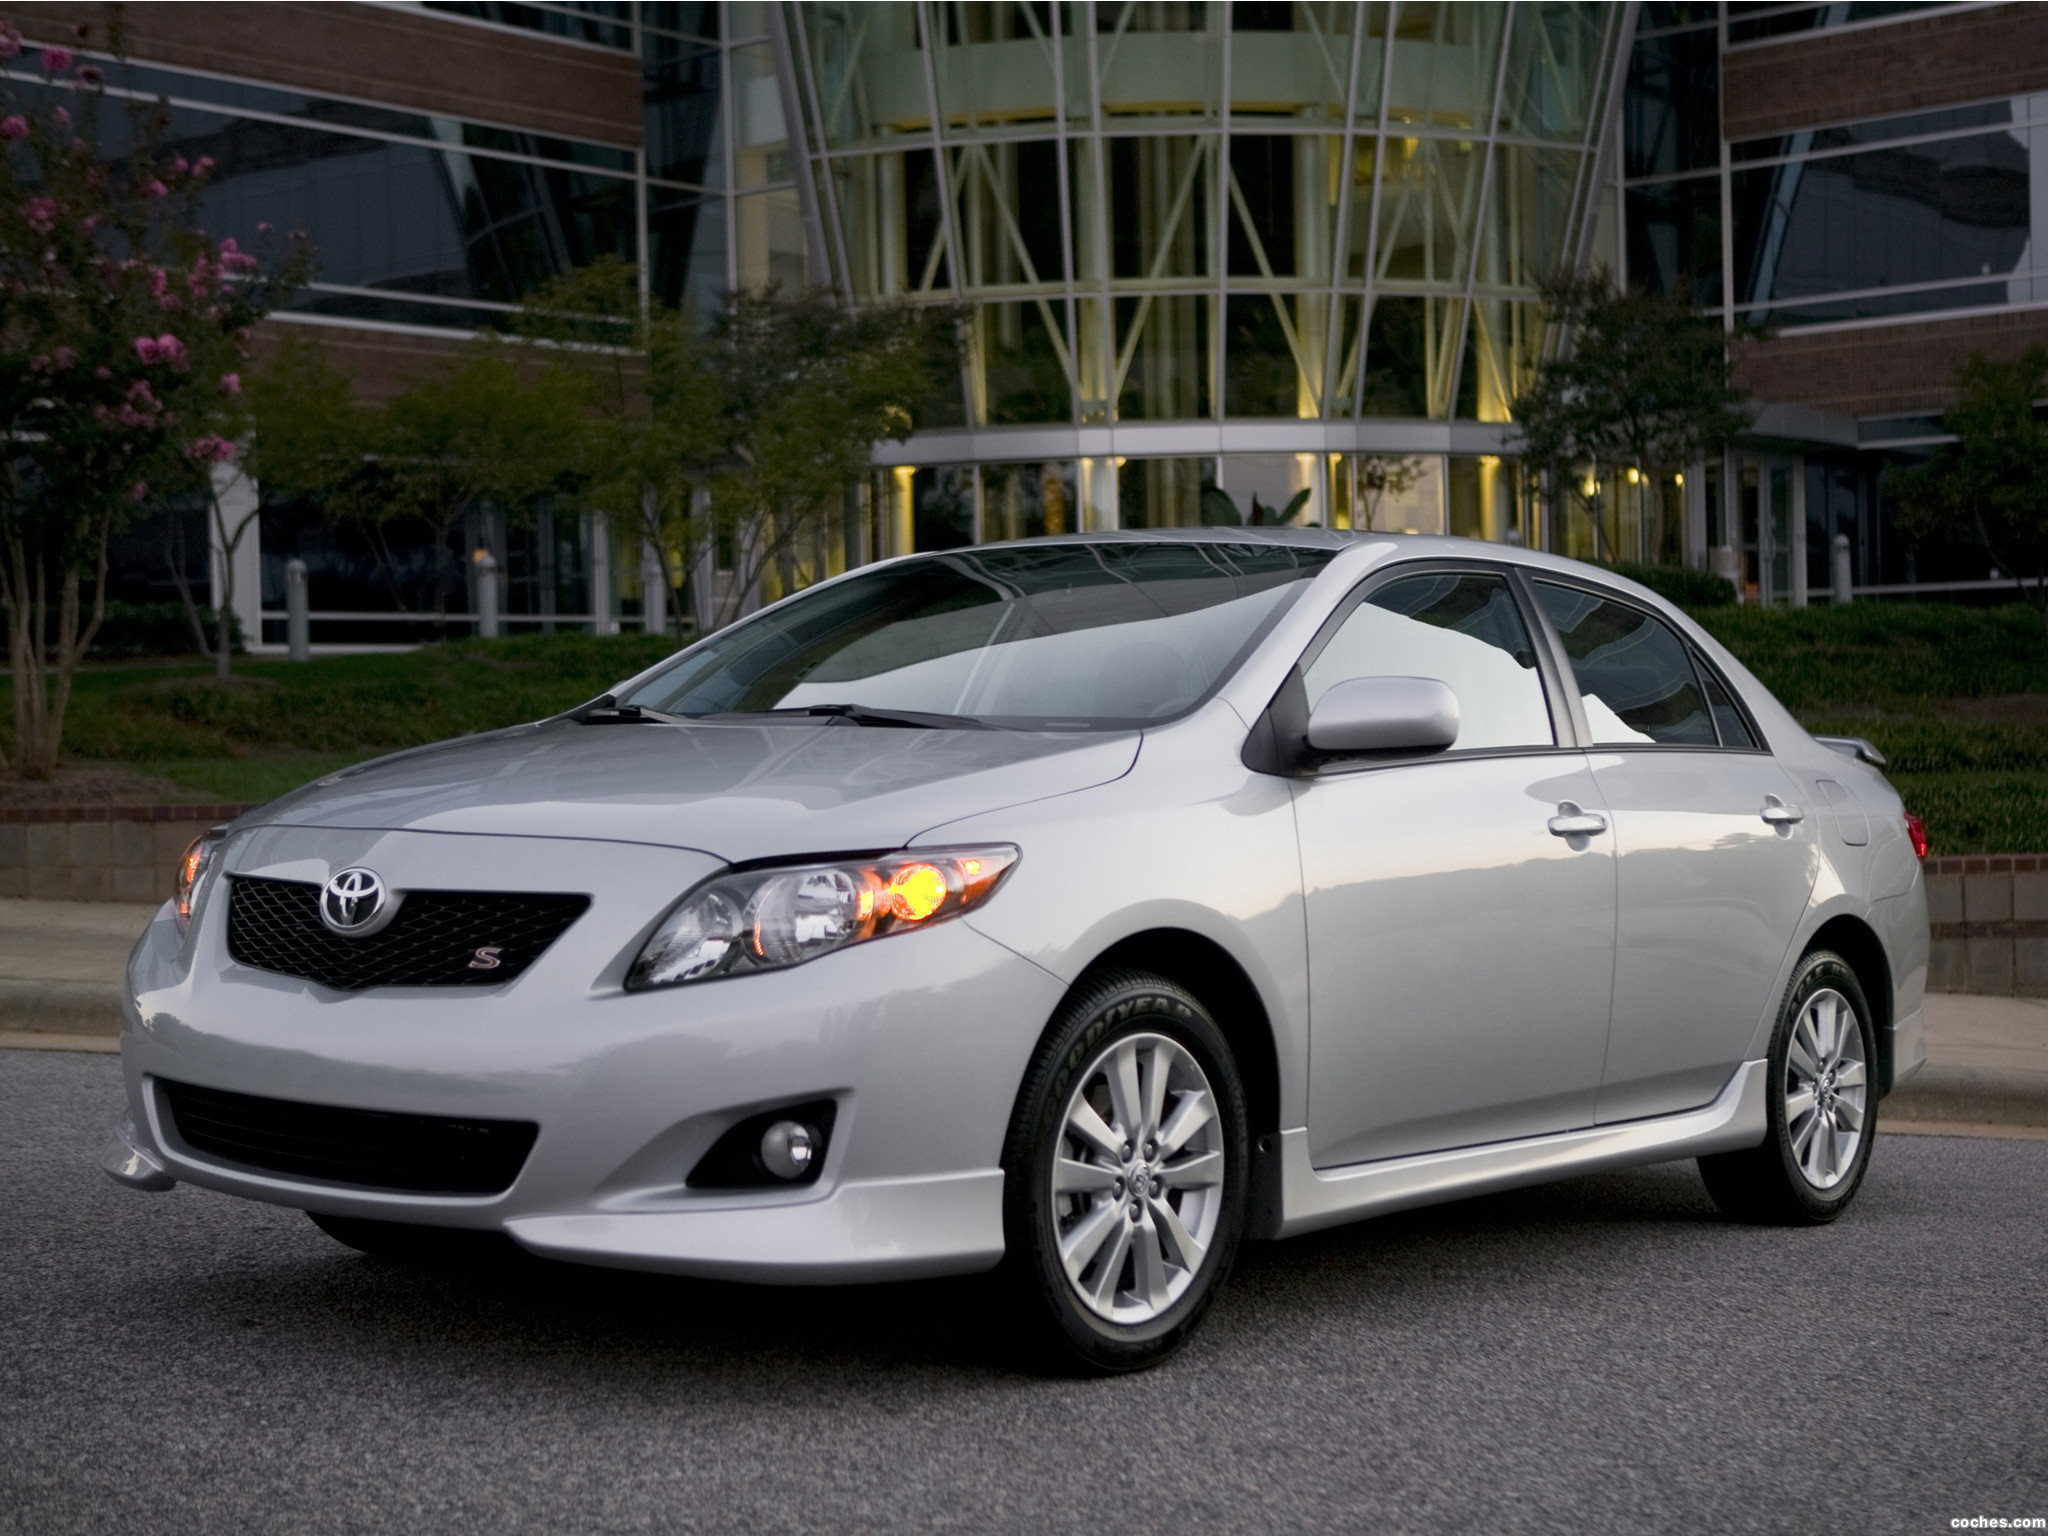 Foto 0 de Toyota Corolla S USA 2008